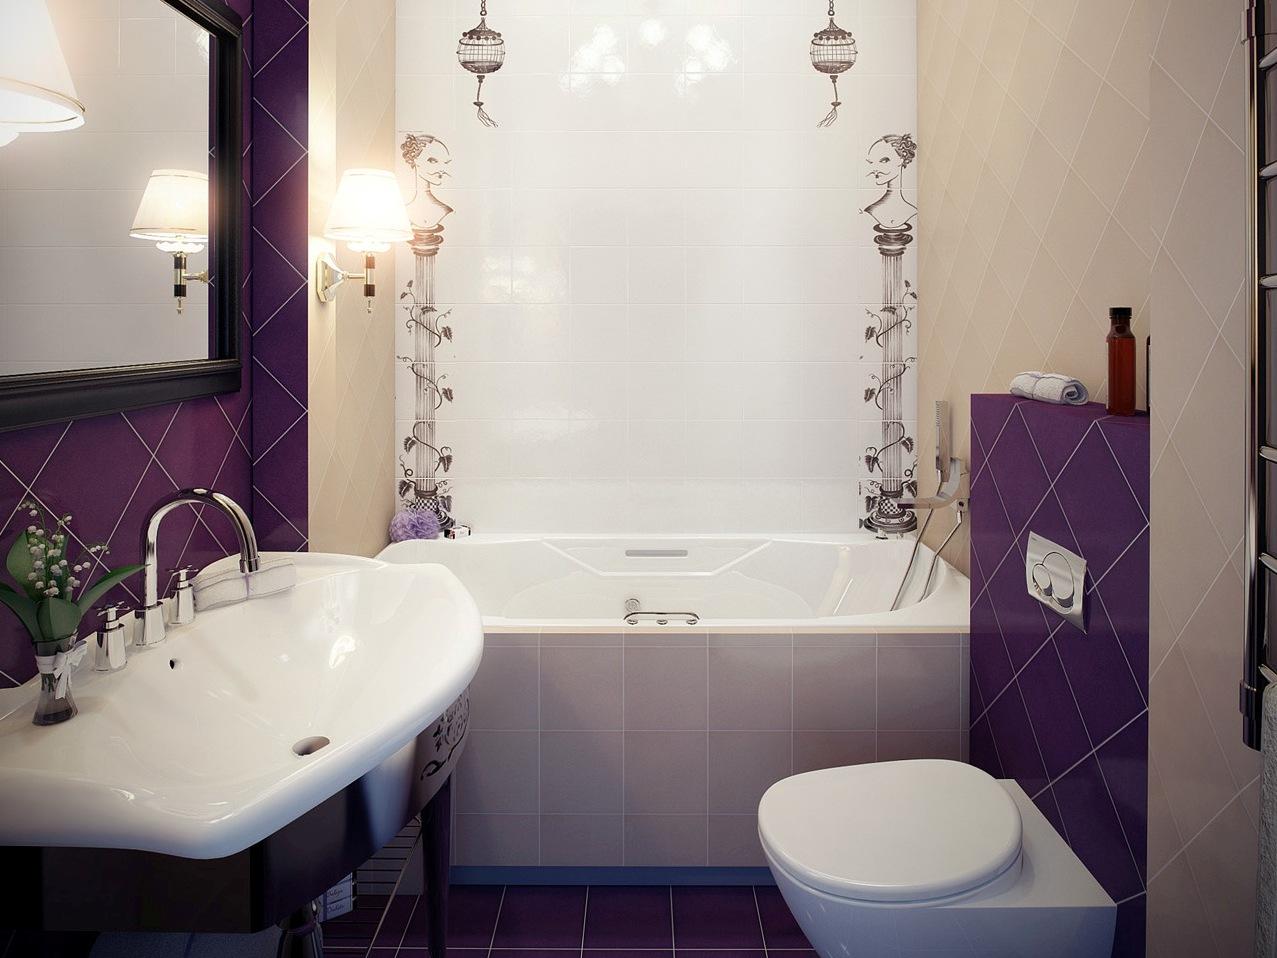 Интерьер маленькой совмещенной ванной комнаты